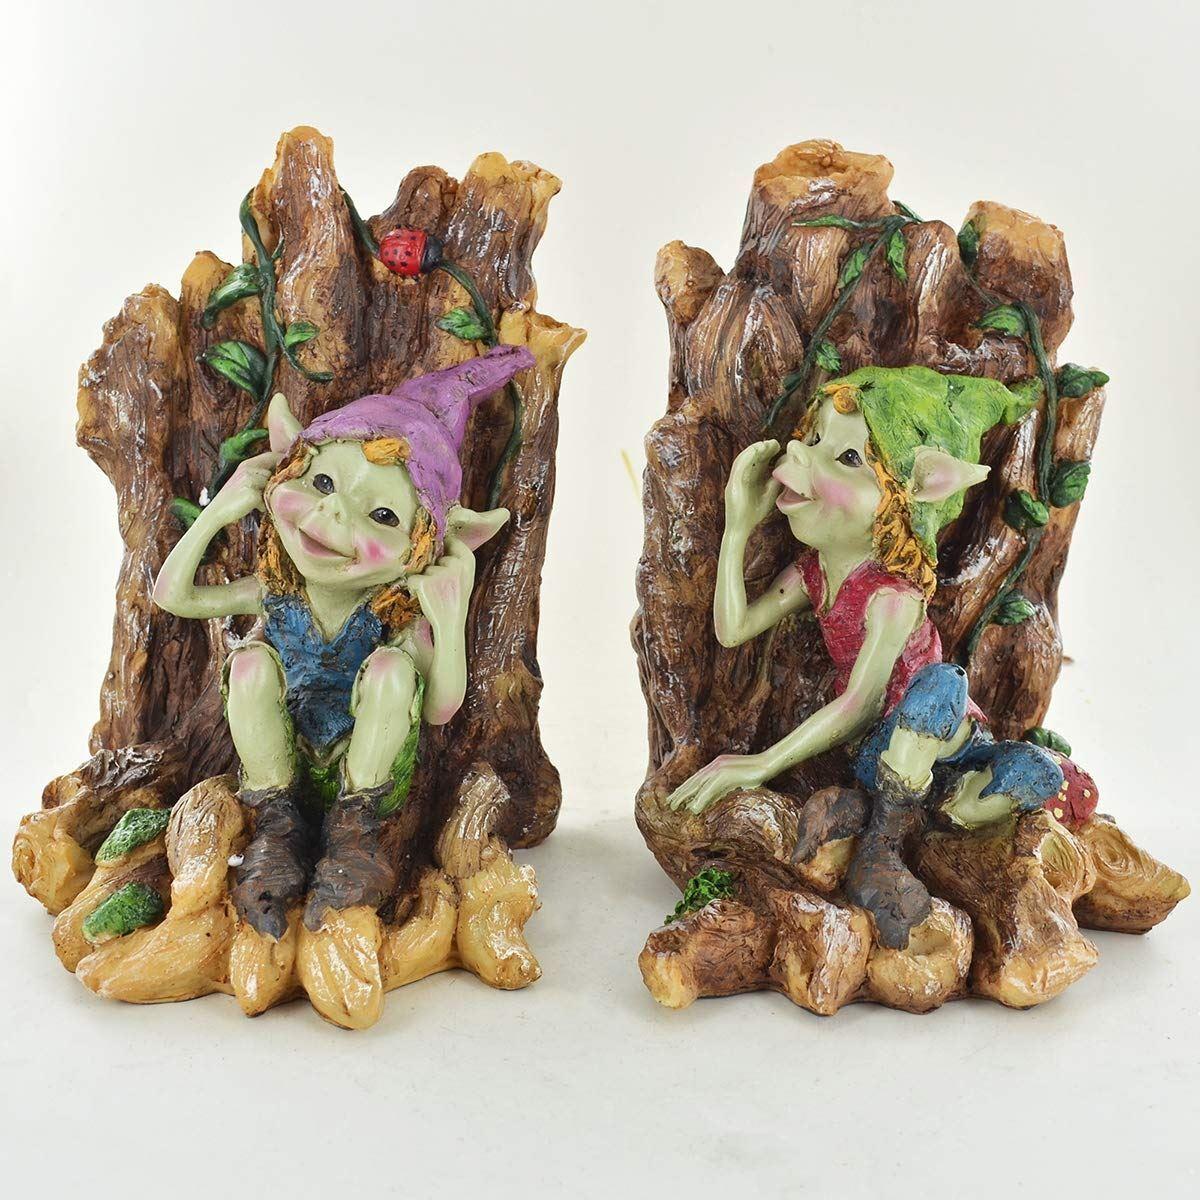 Novedad Pixie Sujetalibros Fantasy elfos esculturas para jardines de hadas Estante ordenado